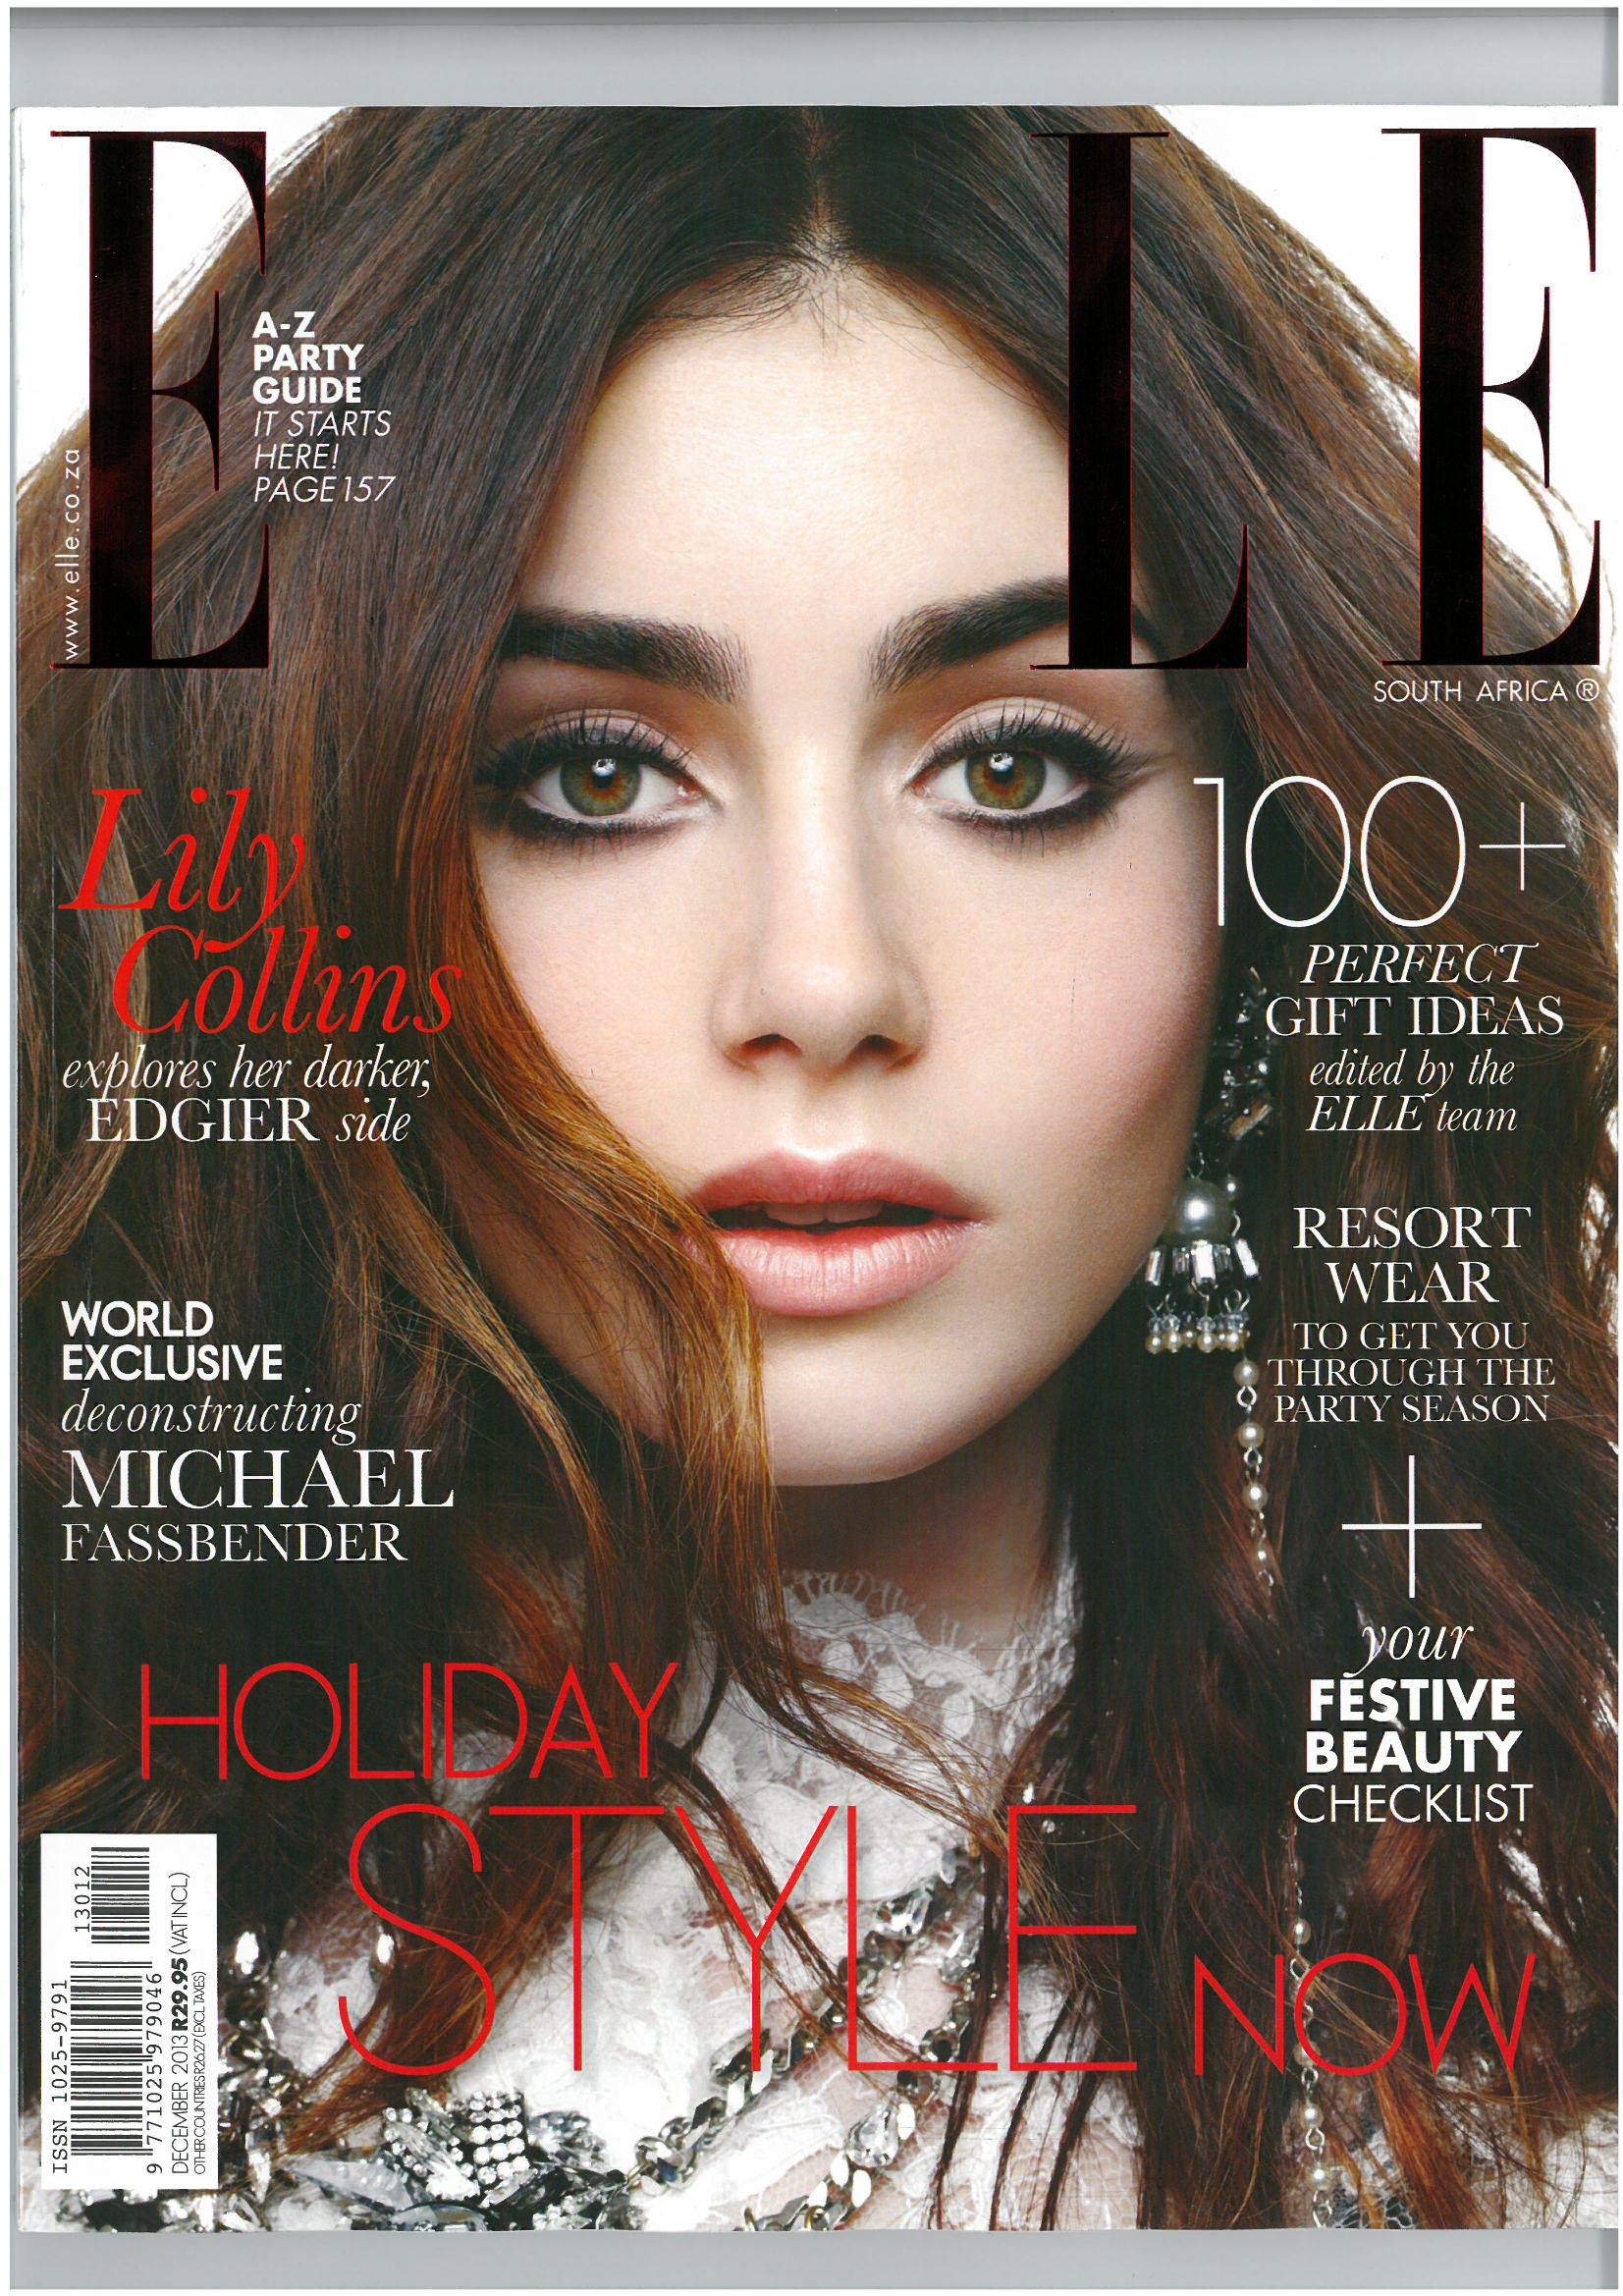 Elle Dec 2013 Front Cover